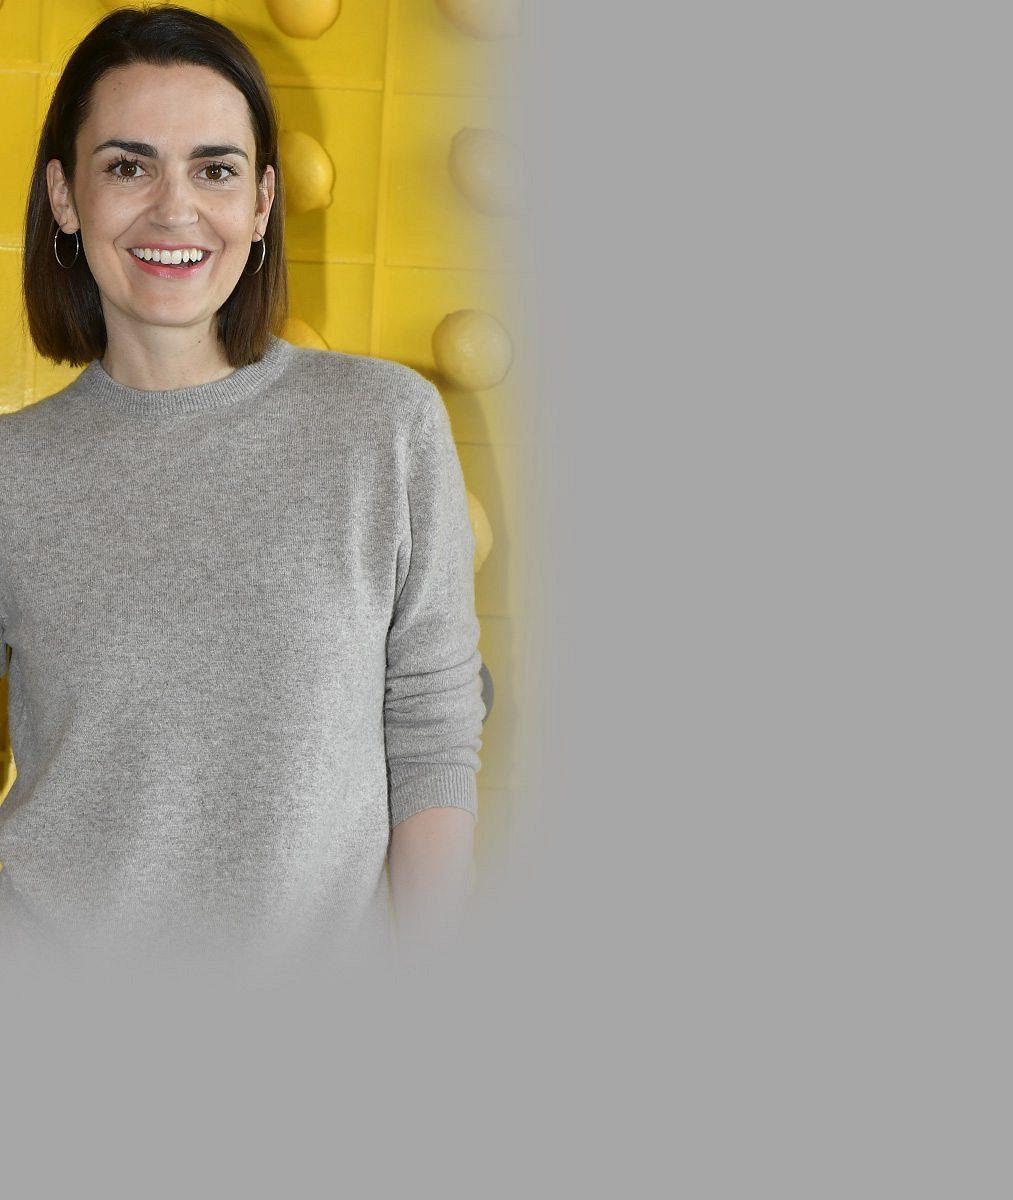 Daniela Písařovicová skončila vnemocnici: Pacientka ale nebyla